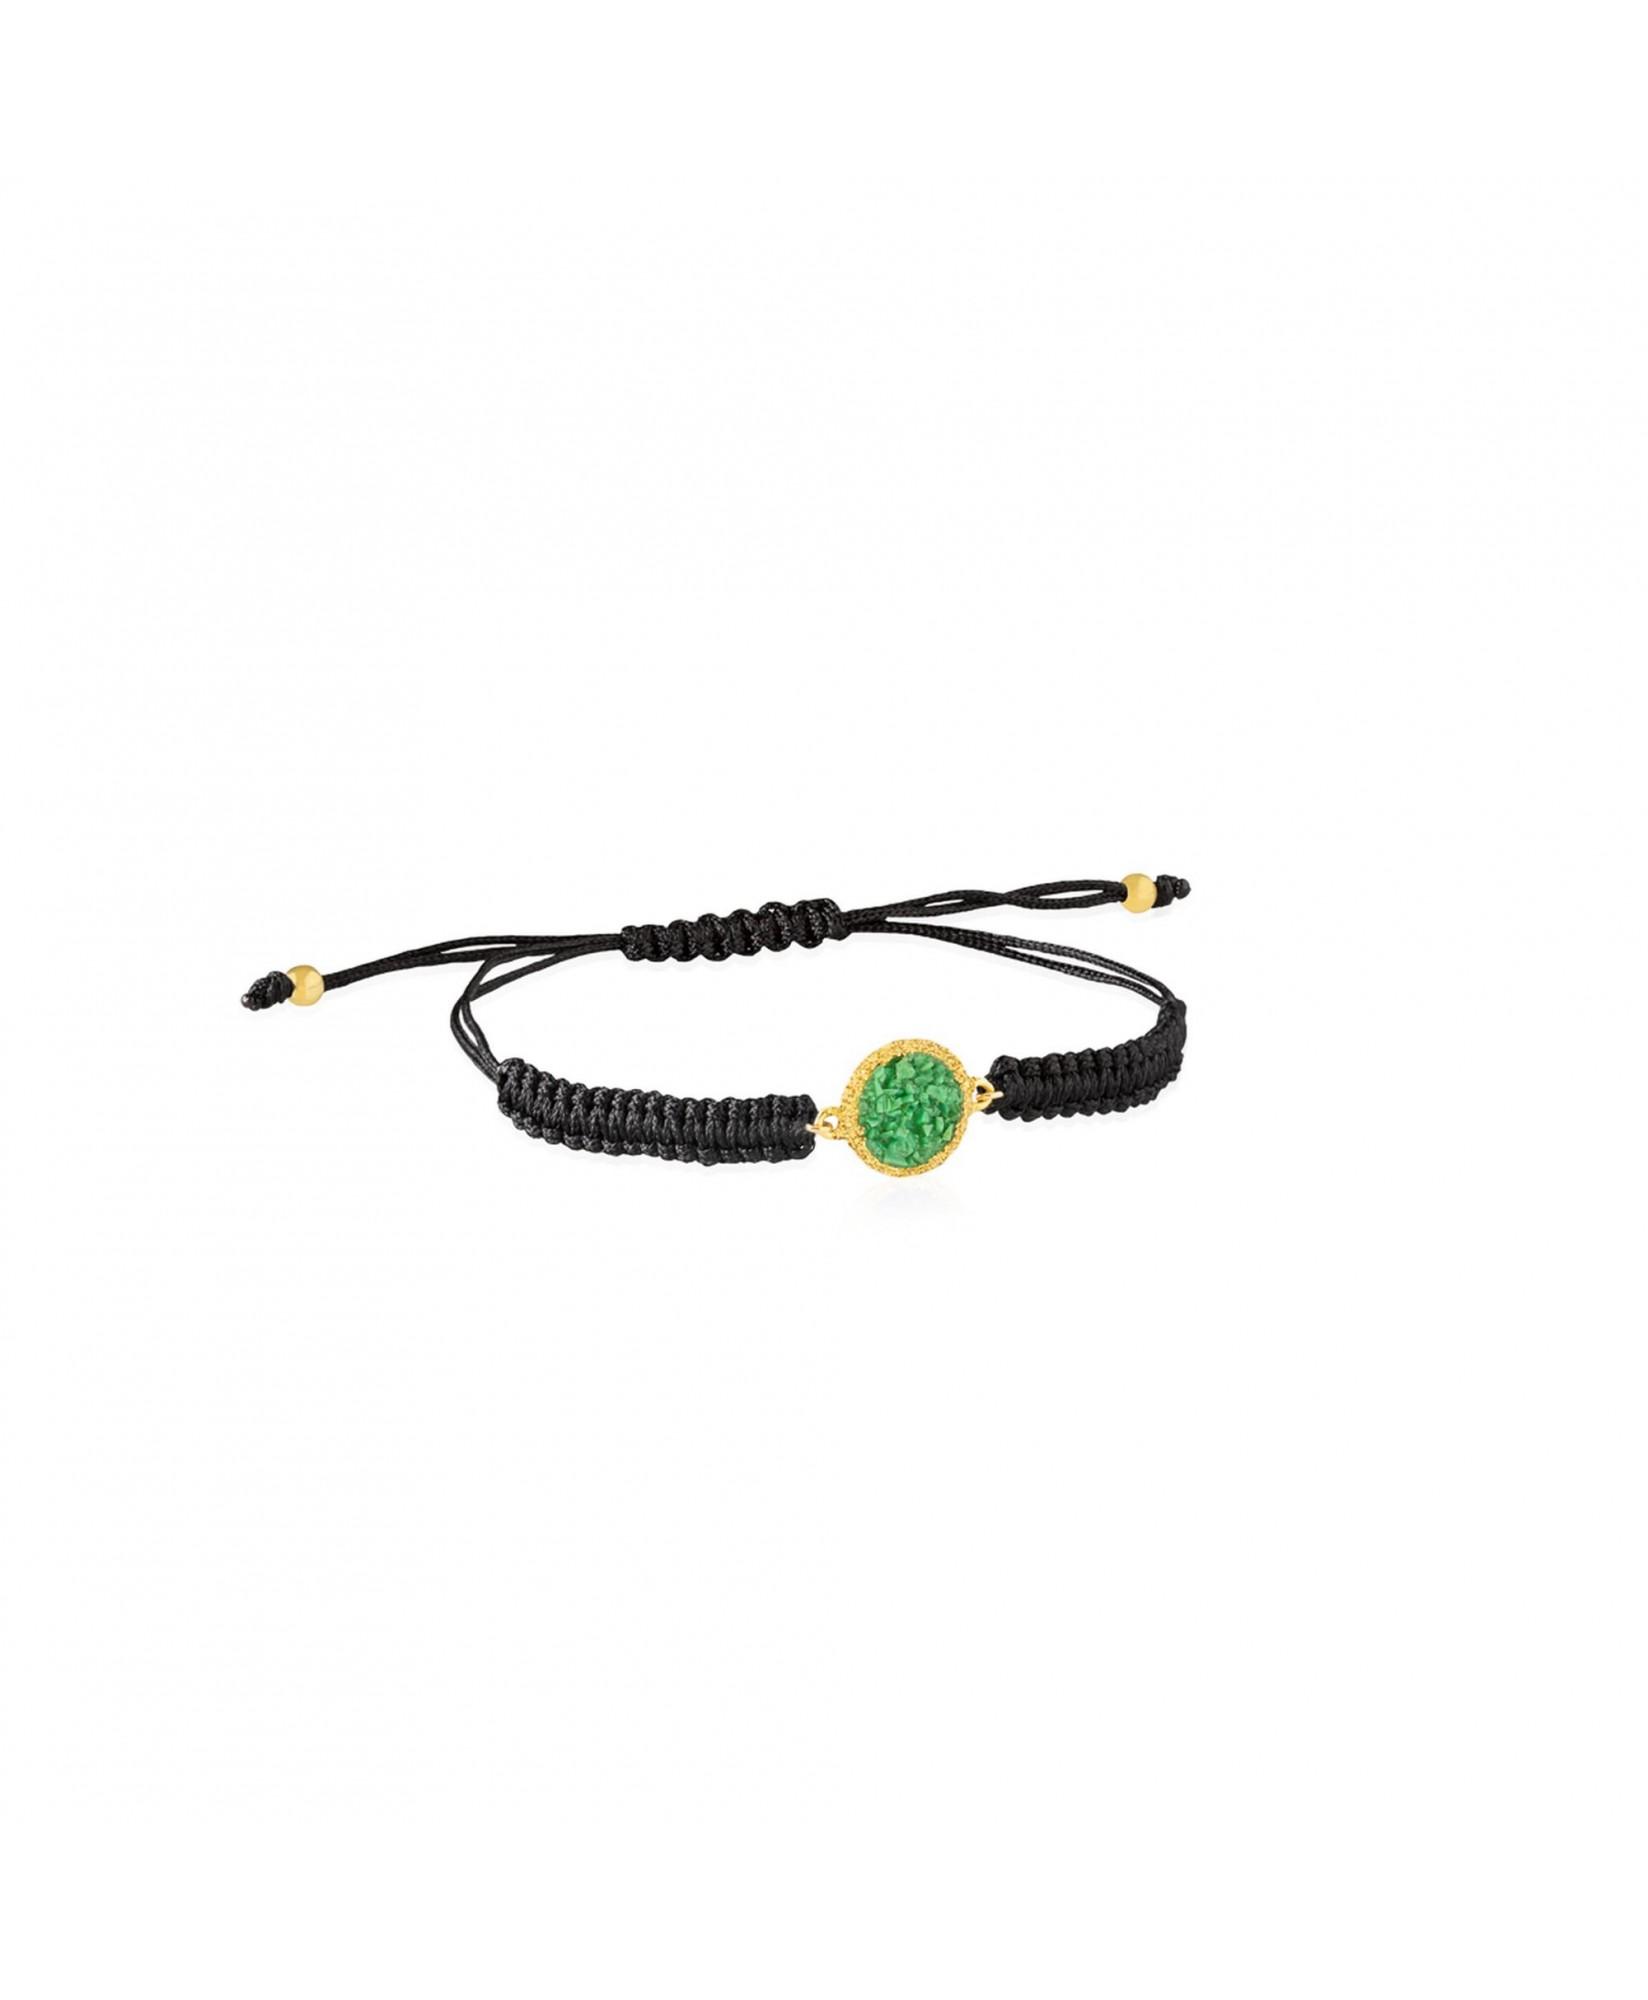 Pulsera oro y cordón Grass con nácar verde Pulsera oro y cordón Grass con nácar verde